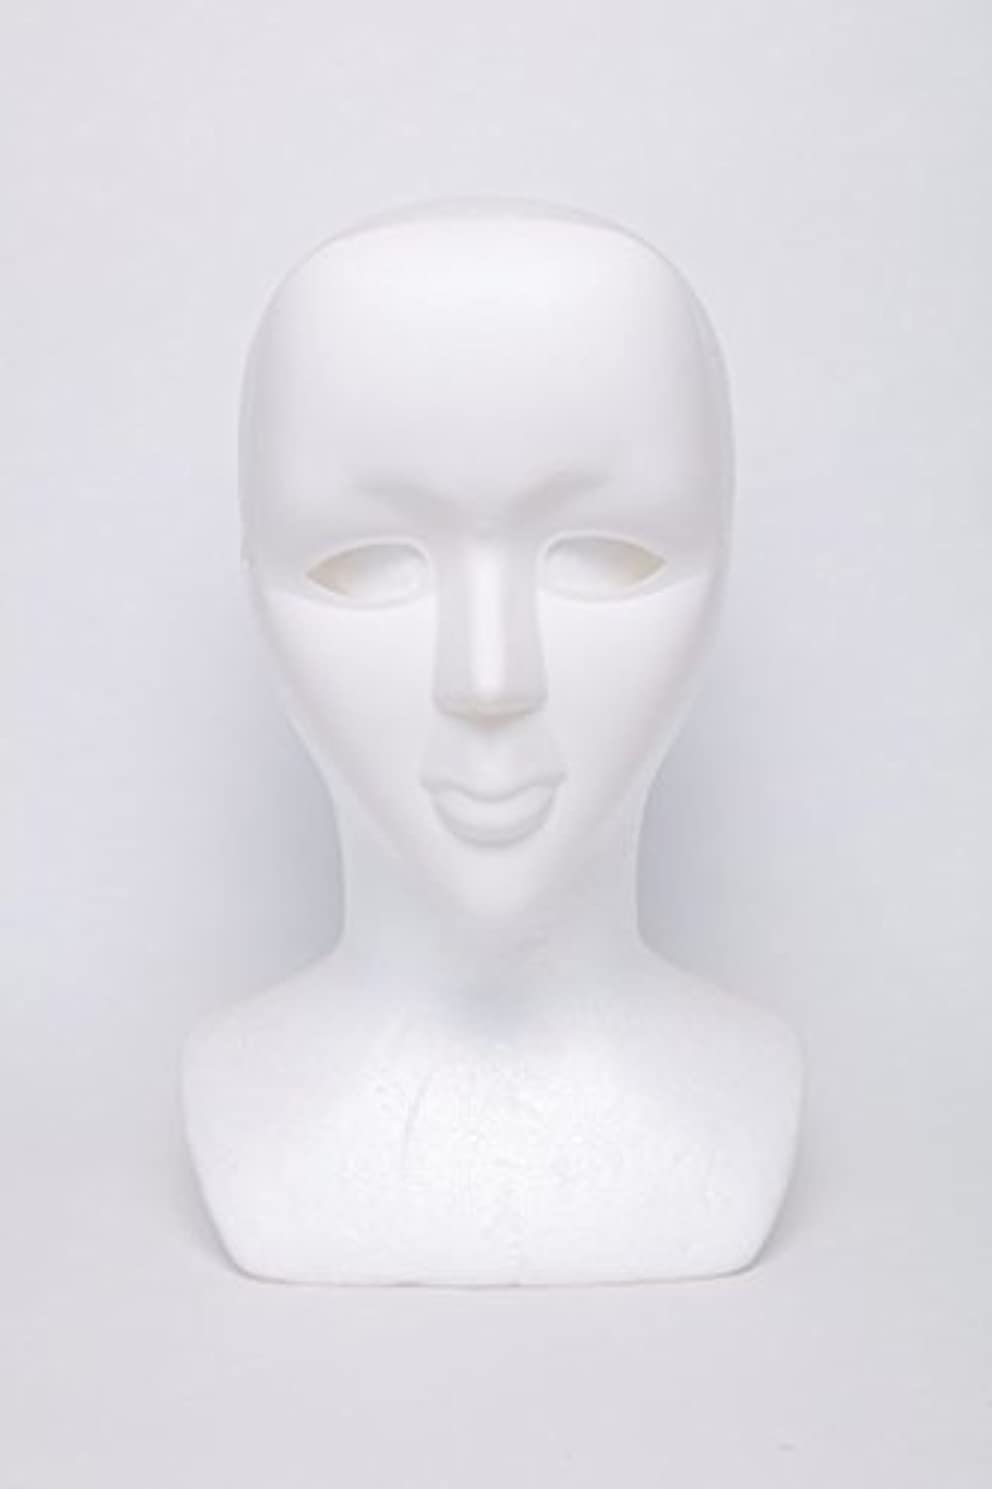 硬化する苦行台無しにホワイトマスク